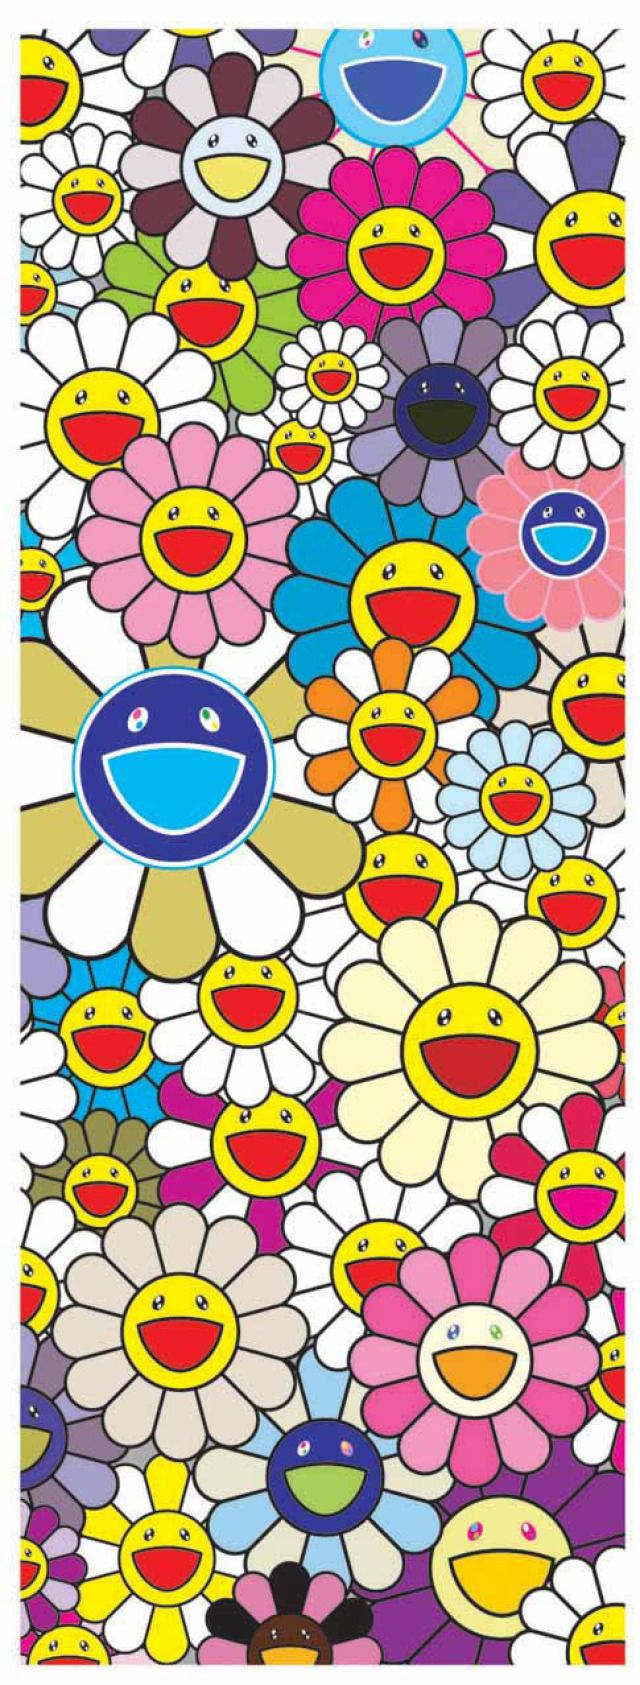 Takashi Murakami | Floflowers | Edition of 100 | $10,000